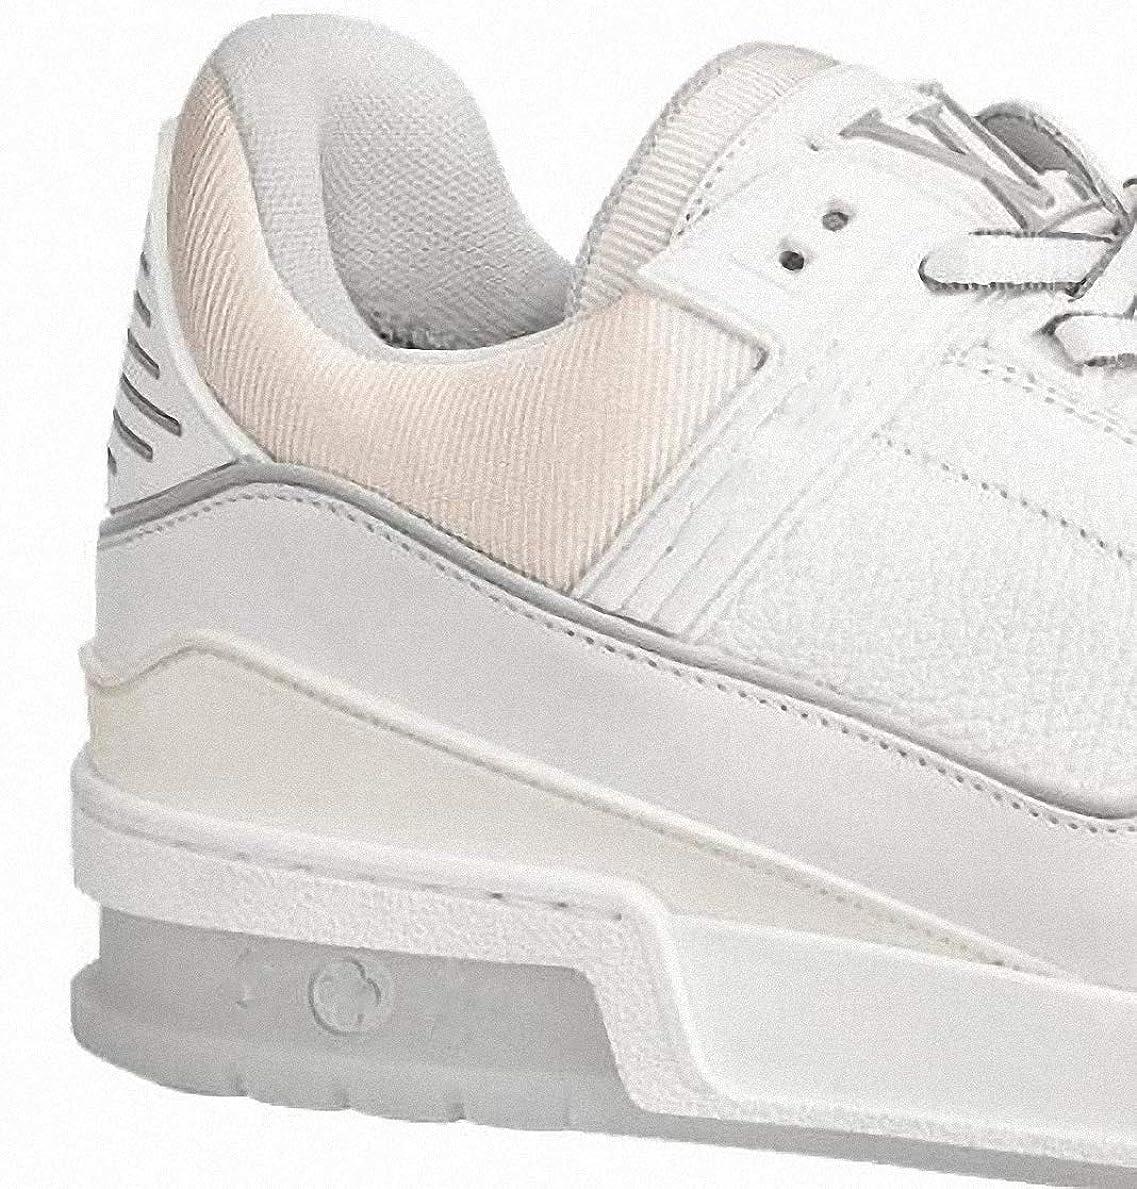 447 Sneaker Sportschuhe High-End-Schuhe Freizeitschuhe Modeschuhe Fitnessschuhe Laufschuhe Low-Top-Sportschuhe Herrenschuhe Damenschuhe White